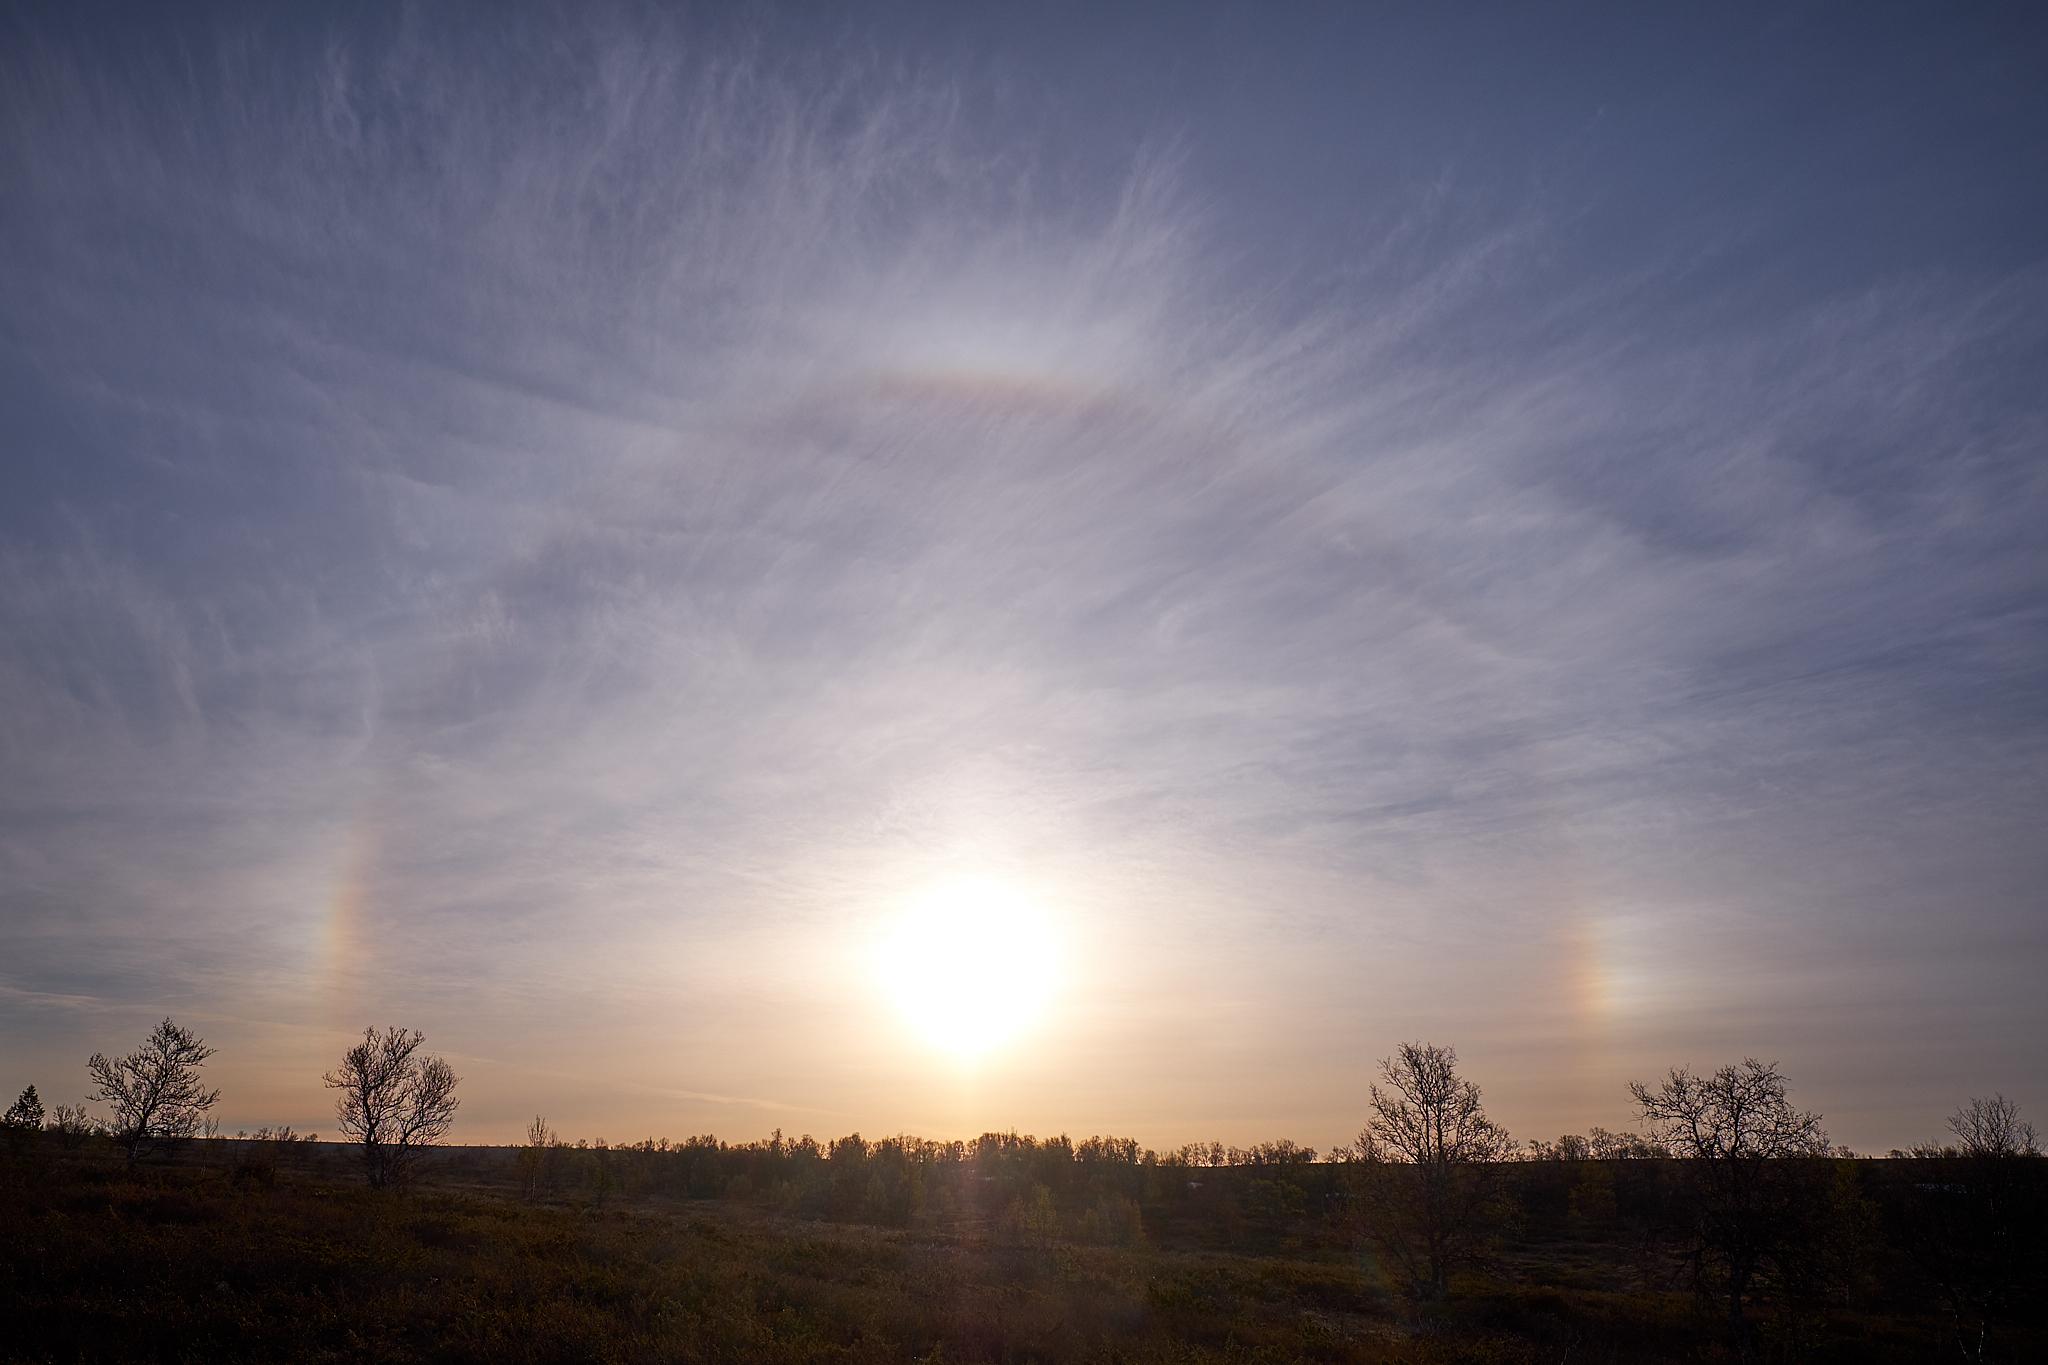 Ledové krystalky v atmosféře tvoří halové jevy (Fujifilm X-T20 + XF16mmF1.4 R WR at 16mm, f/6.4, 1/1500s, ISO200)